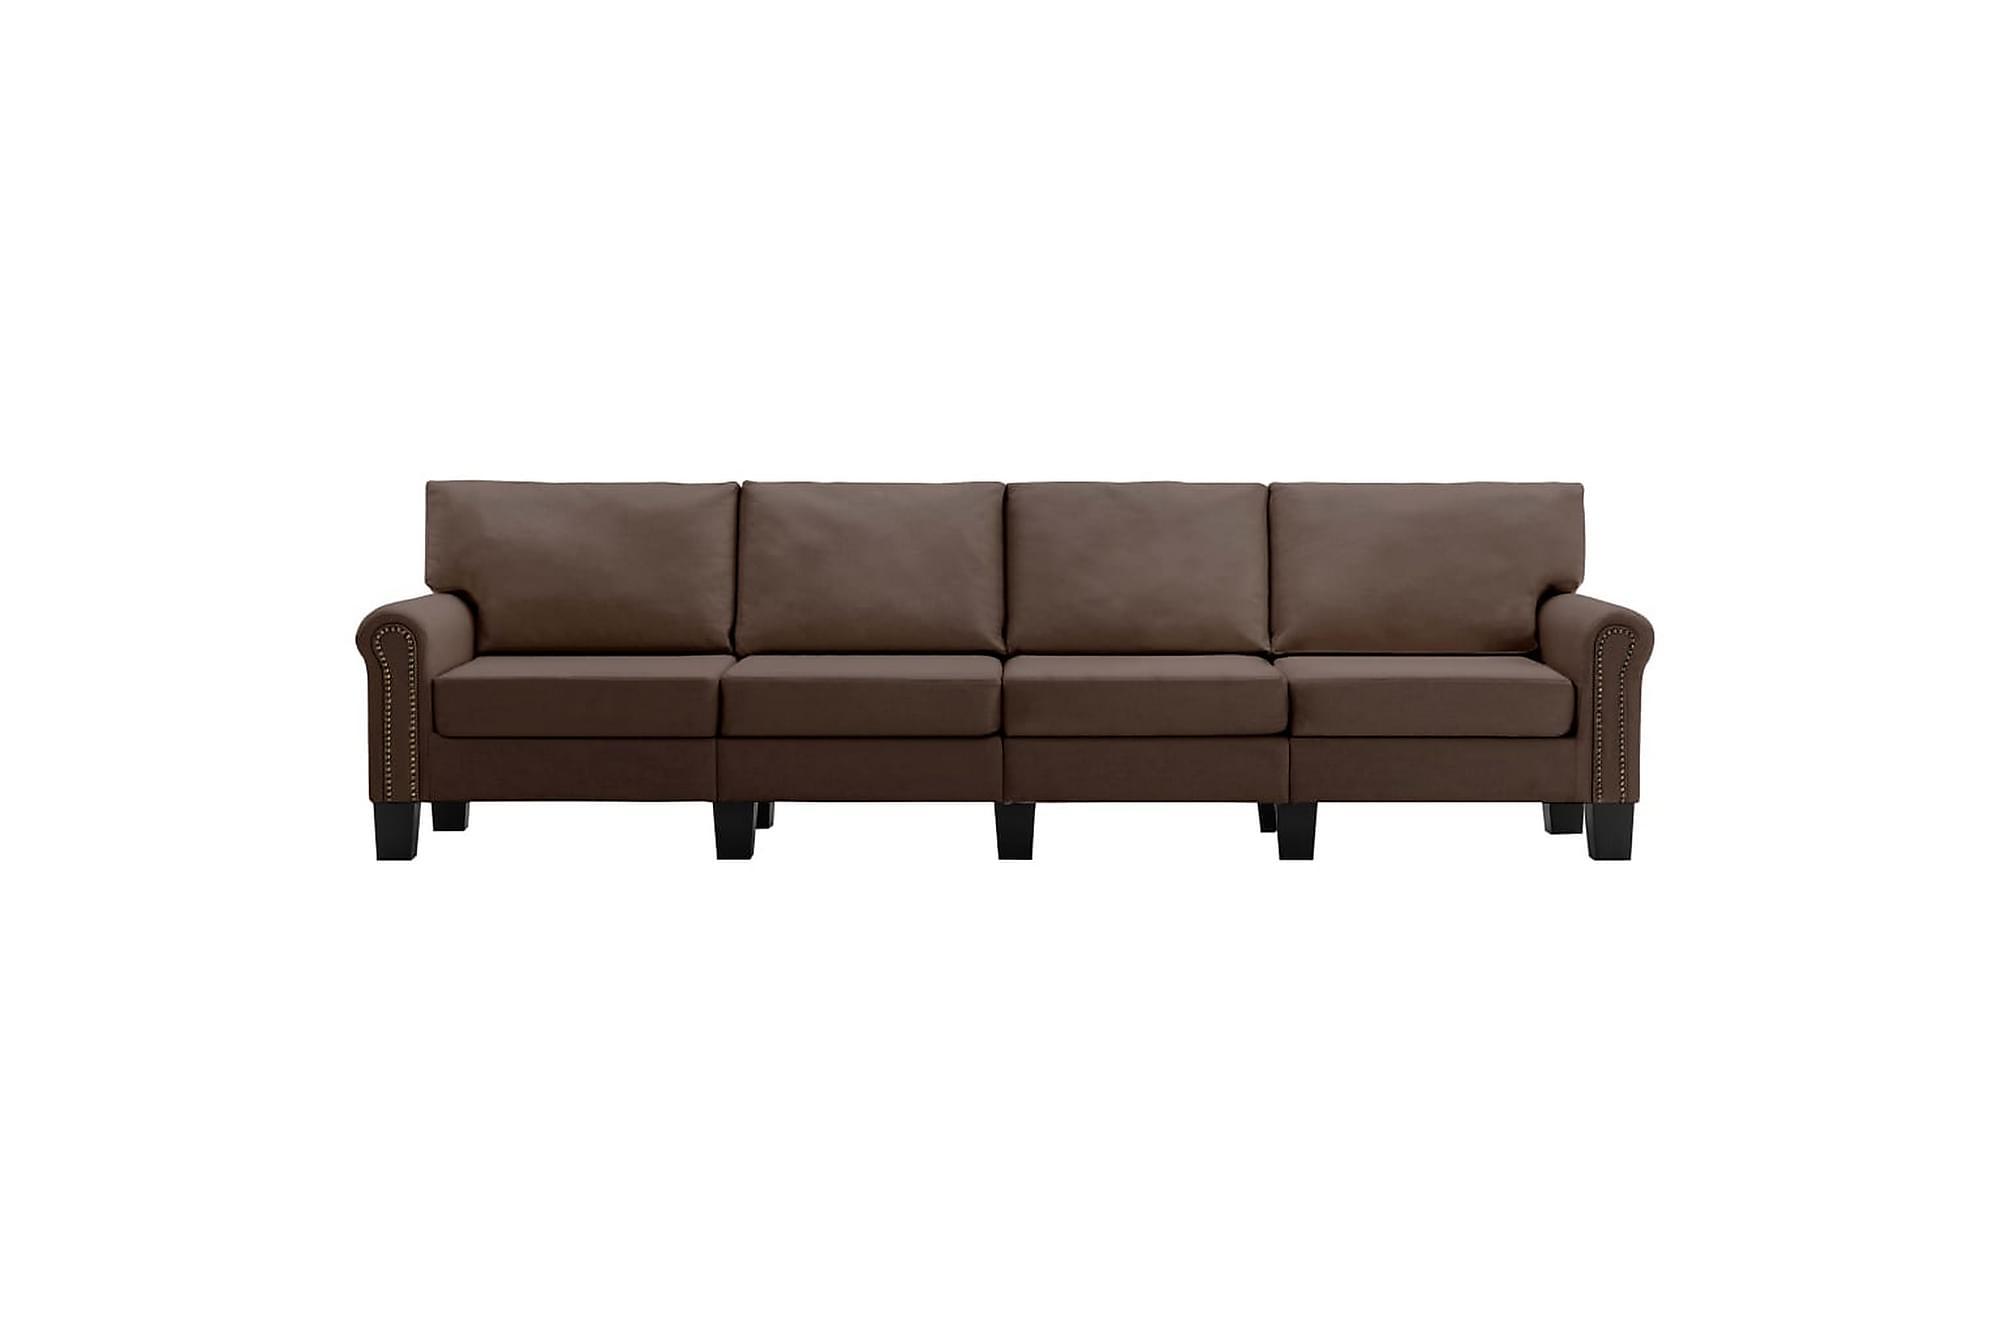 4-sitssoffa brun tyg